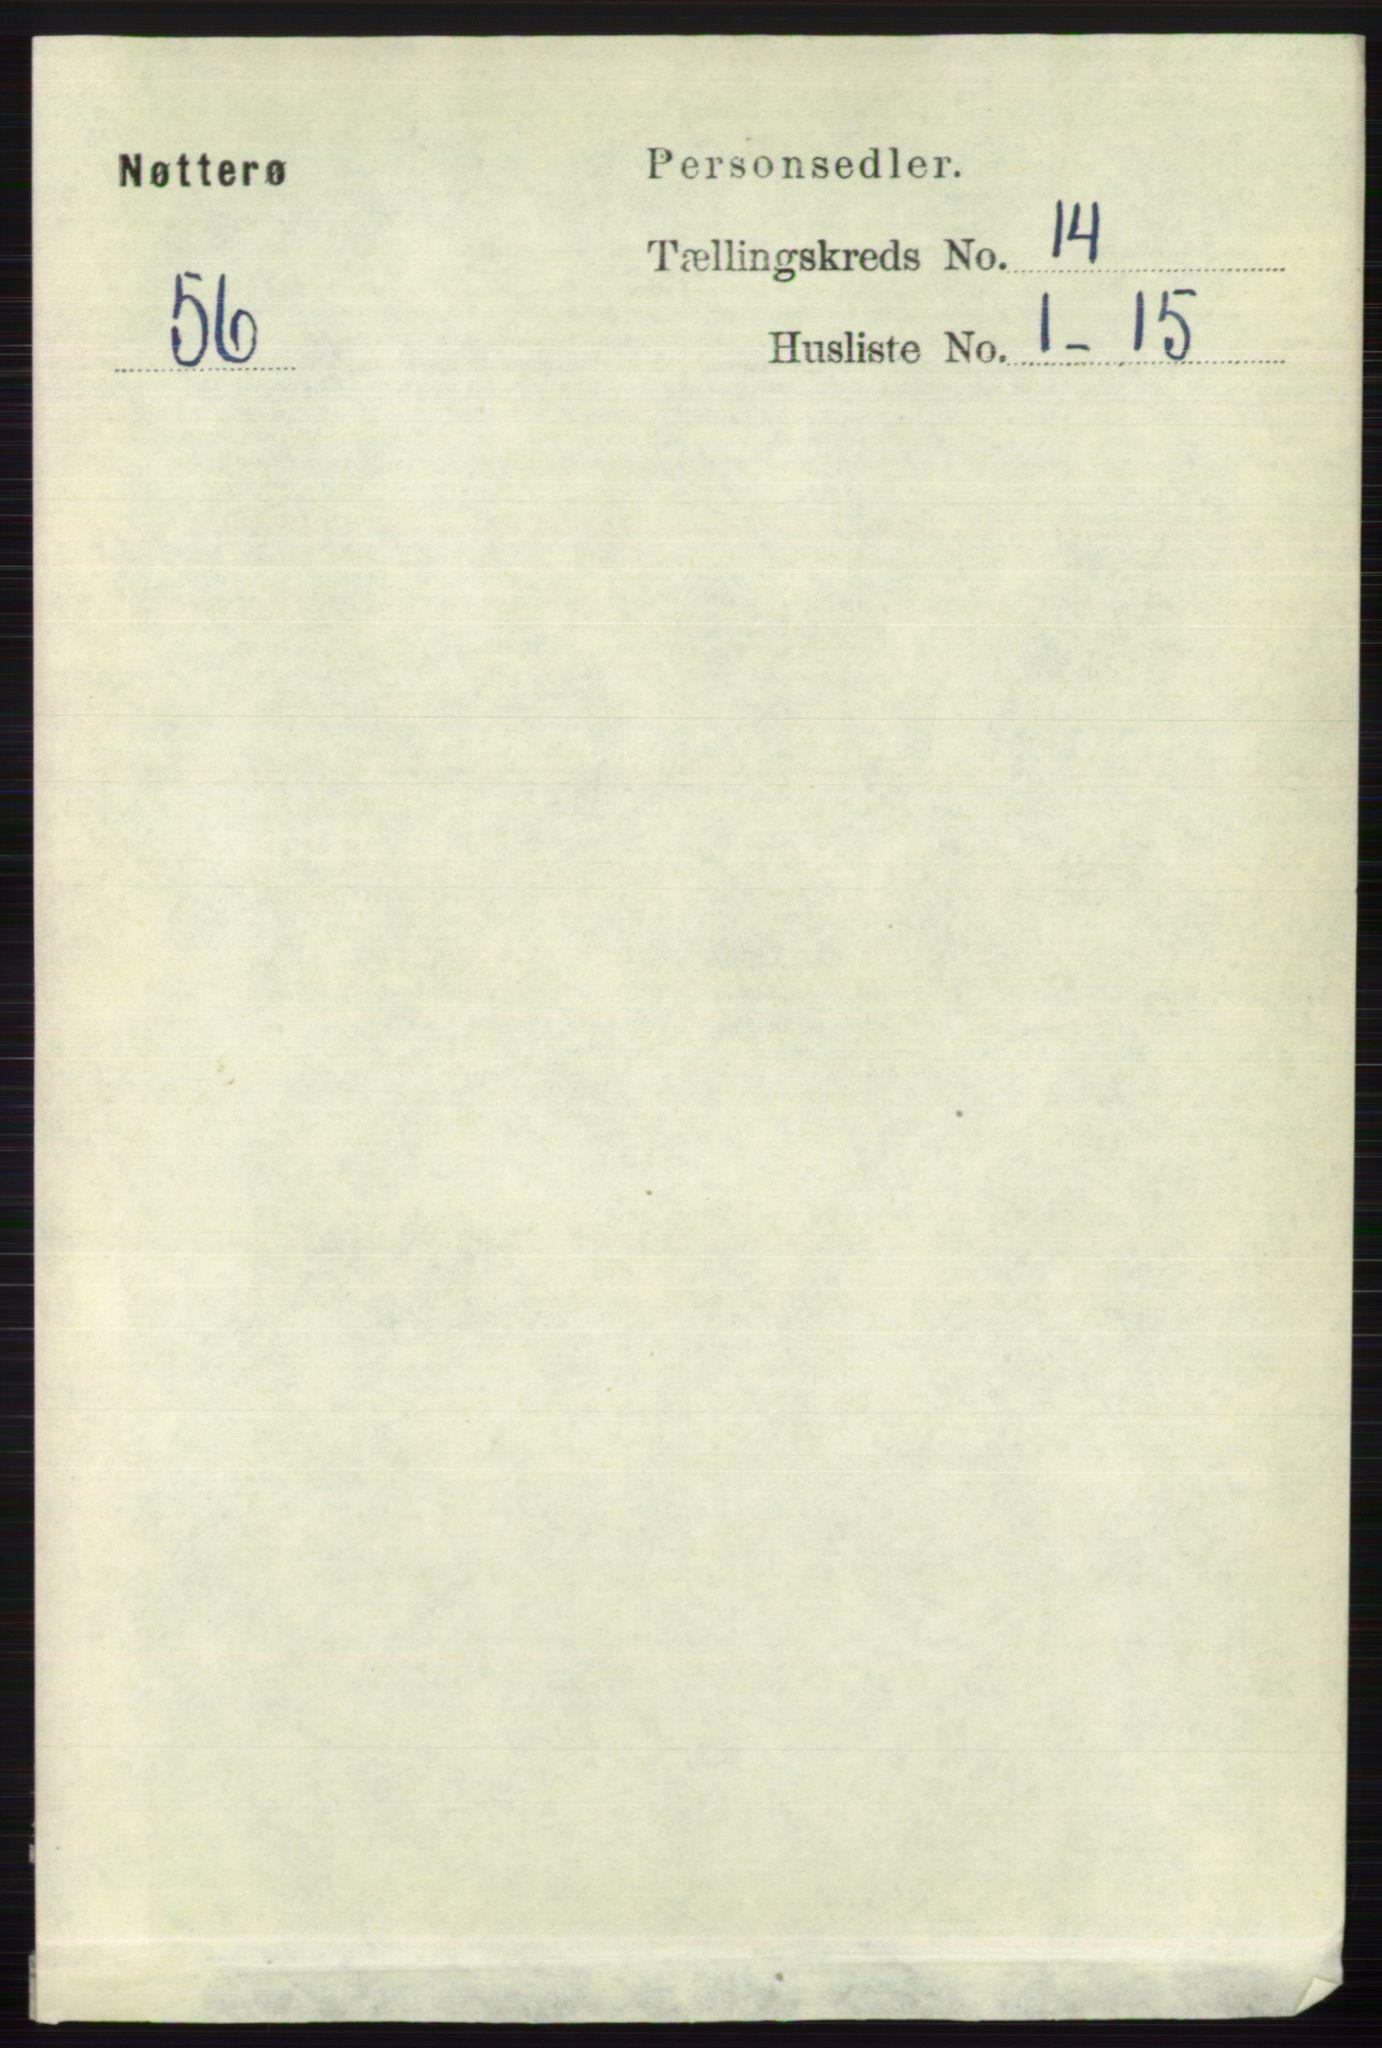 RA, Folketelling 1891 for 0722 Nøtterøy herred, 1891, s. 7528